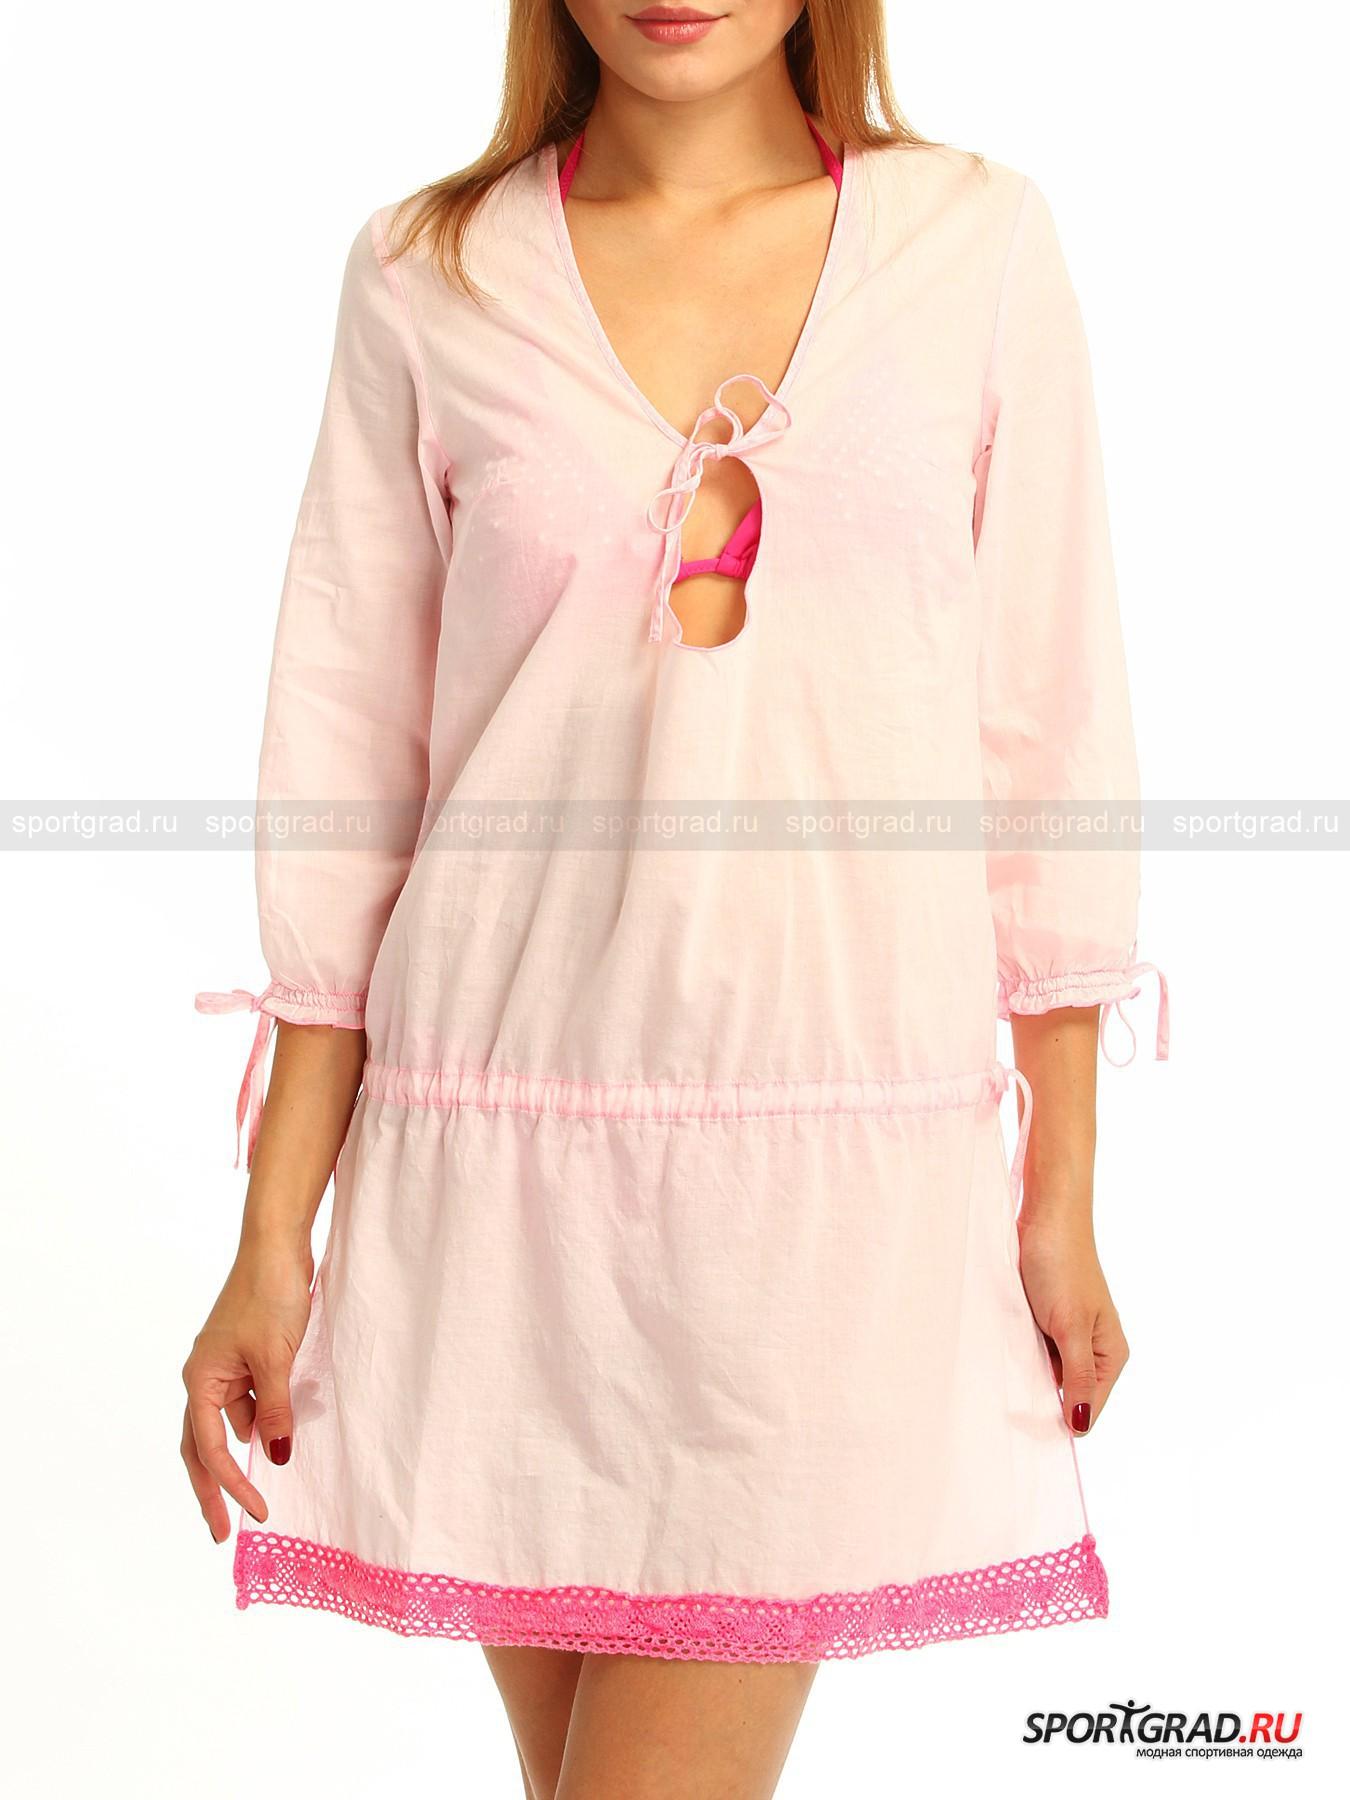 Туника женская пляжная  SUNDEKРубашки<br>Если в женской пляжной тунике SUNDEK нежно-розового цвета, открывающей длинные загорелые ноги, Ваш спутник на отдыхе не сделает комплимента: «Ты ступаешь по кромке моря словно нежный и трепетный фламинго» - смело меняйте спутника! Потому как дивное изделие из дышащего хлопка, отделанное по подолу кружевом, пусть не облегает силуэт, но позволяет ему угадываться сквозь полупрозрачное тонкое полотно, делая Вас легкой, воздушной и хрупкой, будто «дитя заката» (с).<br><br>Исполненная изящества модель имеет:<br>   - глубокий U-образный вырез горловины, «перечеркнутый» тесемкой;<br>- вытачки на груди для идеальной посадки;<br> - рукава ? со шлицами на резинке и завязках;<br>- кулиску на бедрах, с помощью которой можно корректировать свободный фасон модели;<br>- вертикальные боковые разрезы в юбочной части;<br>- металлический значок-нашивку с логотипом фирмы вверху на спинке.<br>Длина рукава по внутреннему шву ок. 34 см, длина сзади по центру от горловины до низа 82, 5 см, ширина груди 45 см (размер S).<br><br>Пол: Женский<br>Возраст: Взрослый<br>Тип: Рубашки<br>Рекомендации по уходу: Изделию показана машинная стирка при температуре 30°, глажка при температуре, не превышающей 110°, и химчистка. Запрещены отбеливание и сушка в барабане или электросушилке для белья.<br>Состав: 100% хлопок